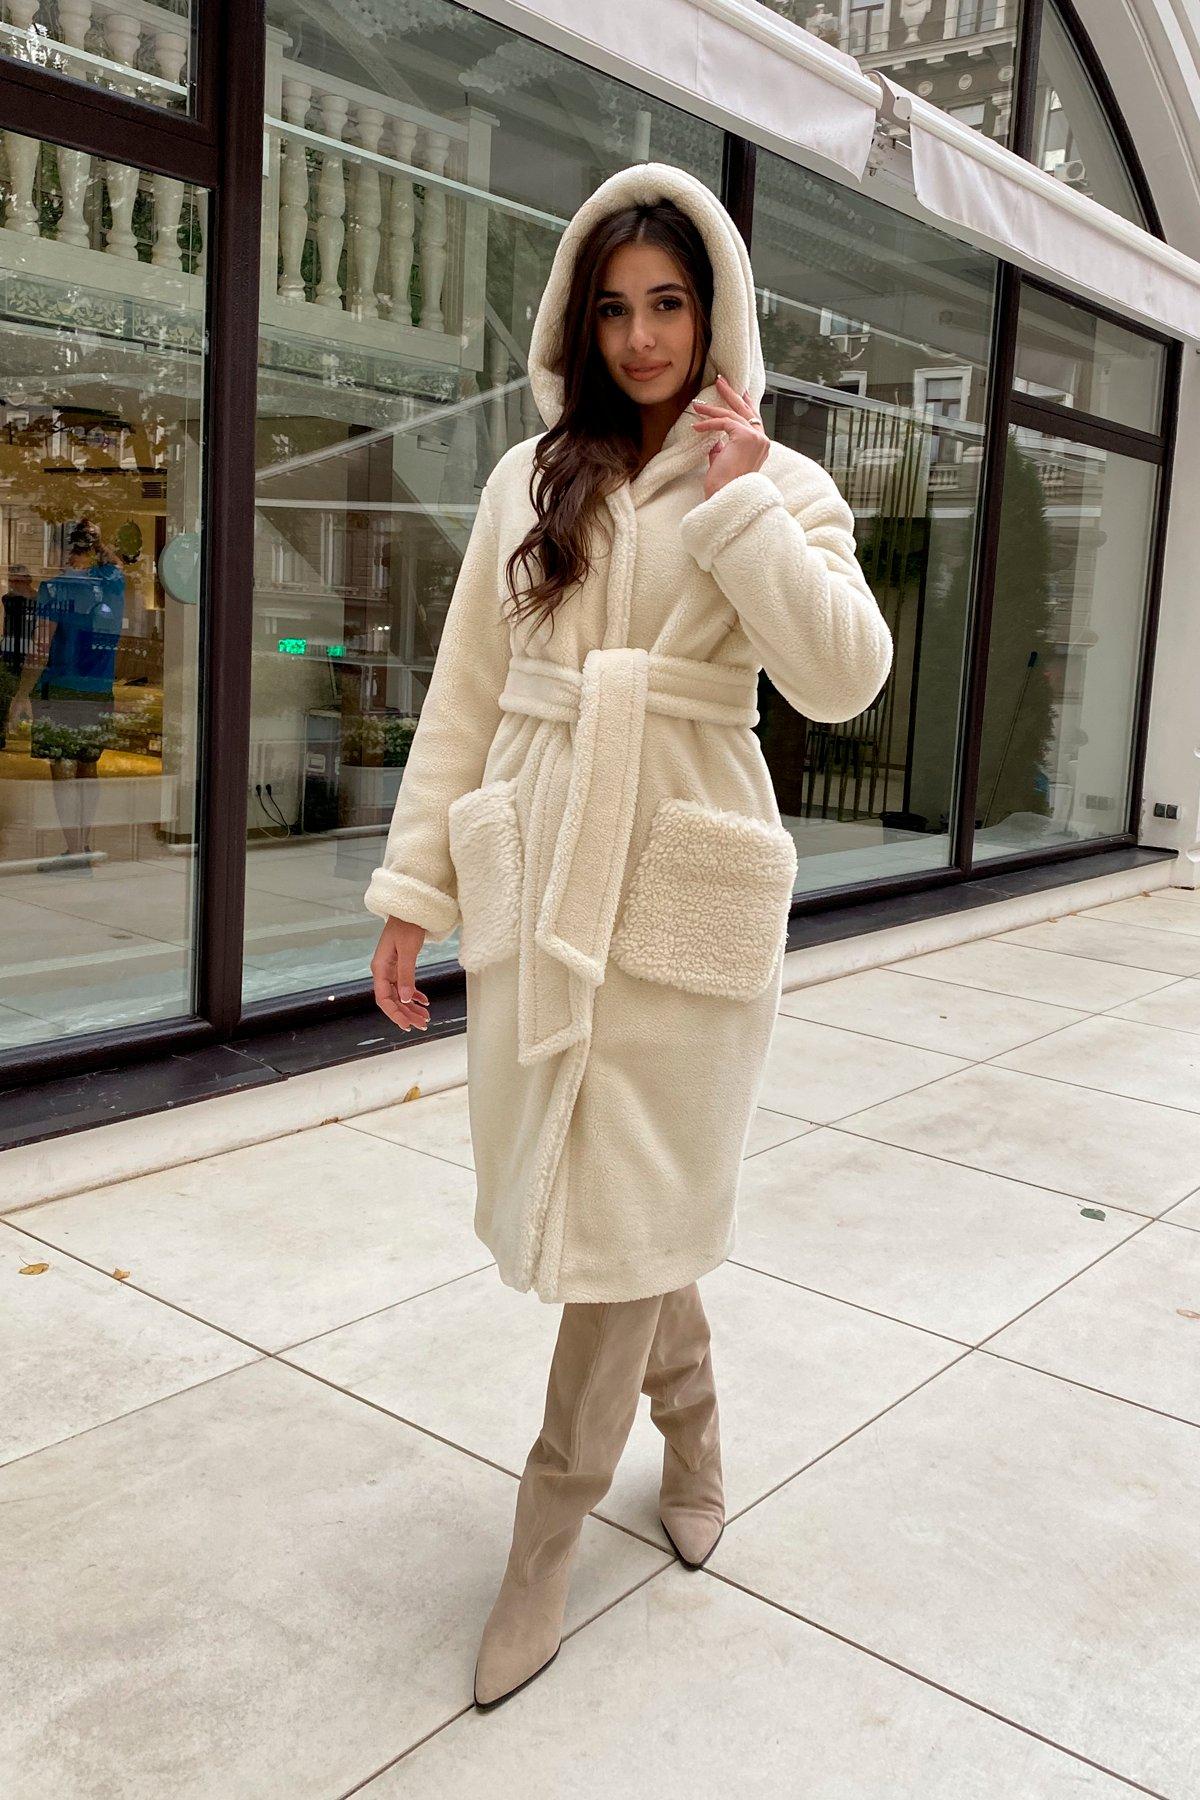 Пальто из искусственного меха Анита 8197 АРТ. 44955 Цвет: Молоко - фото 7, интернет магазин tm-modus.ru